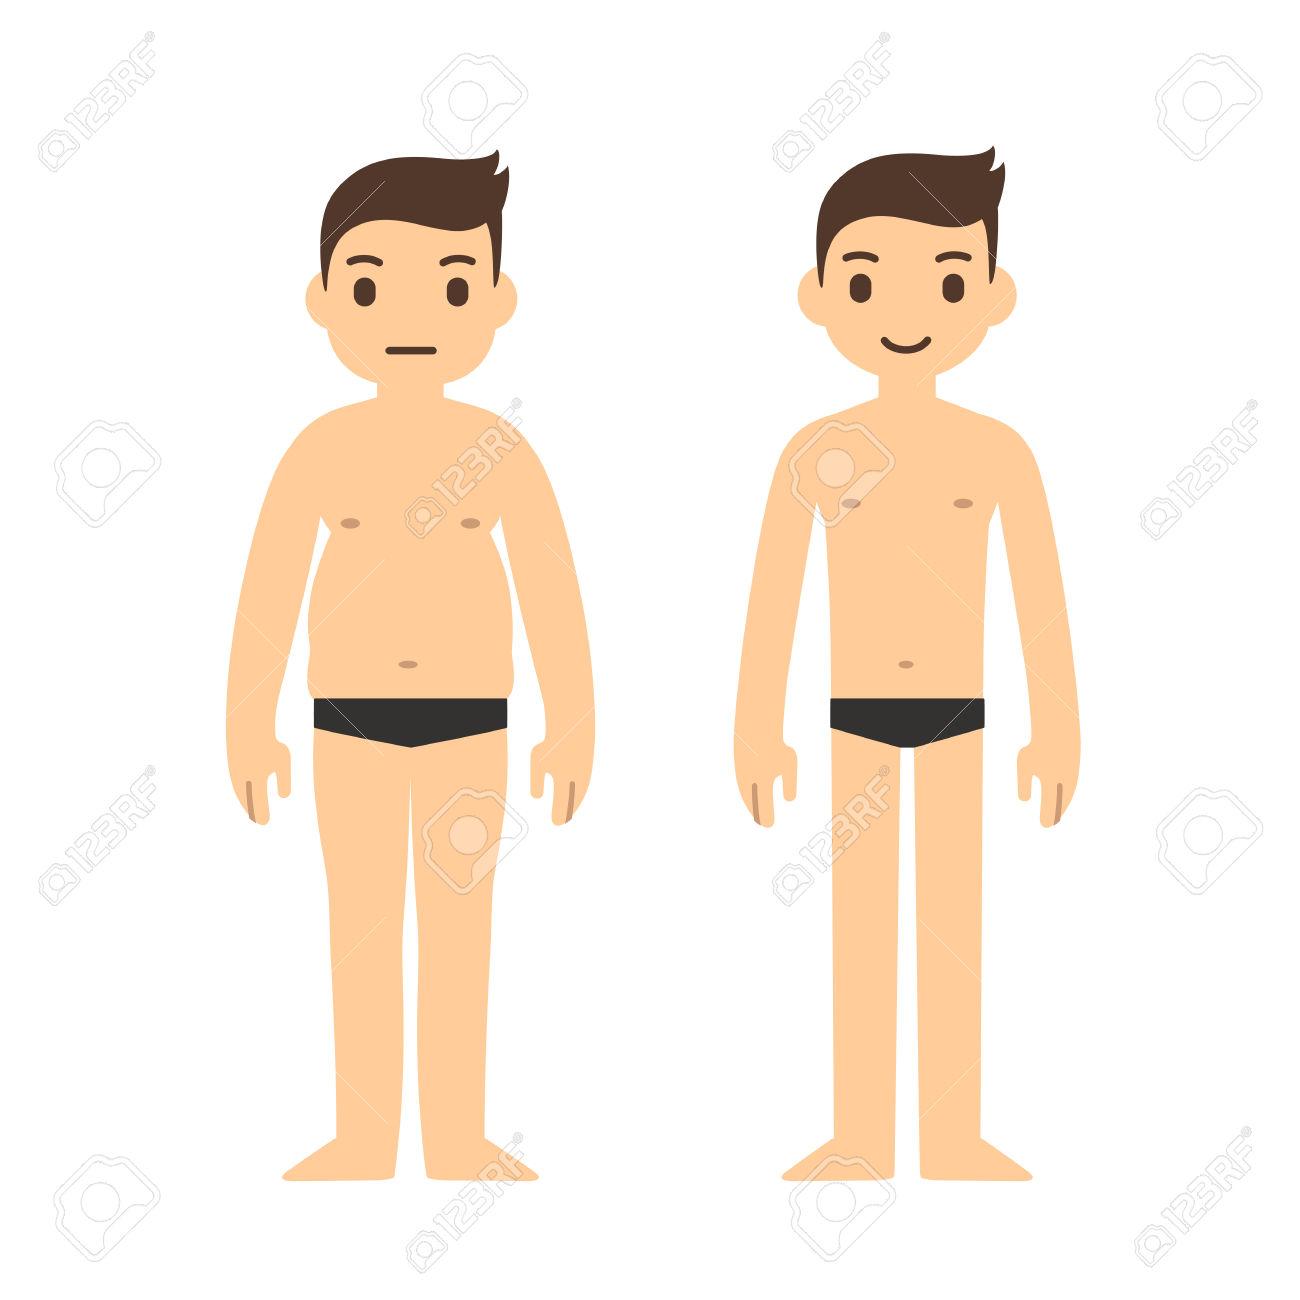 Clipart Body In Underwear.